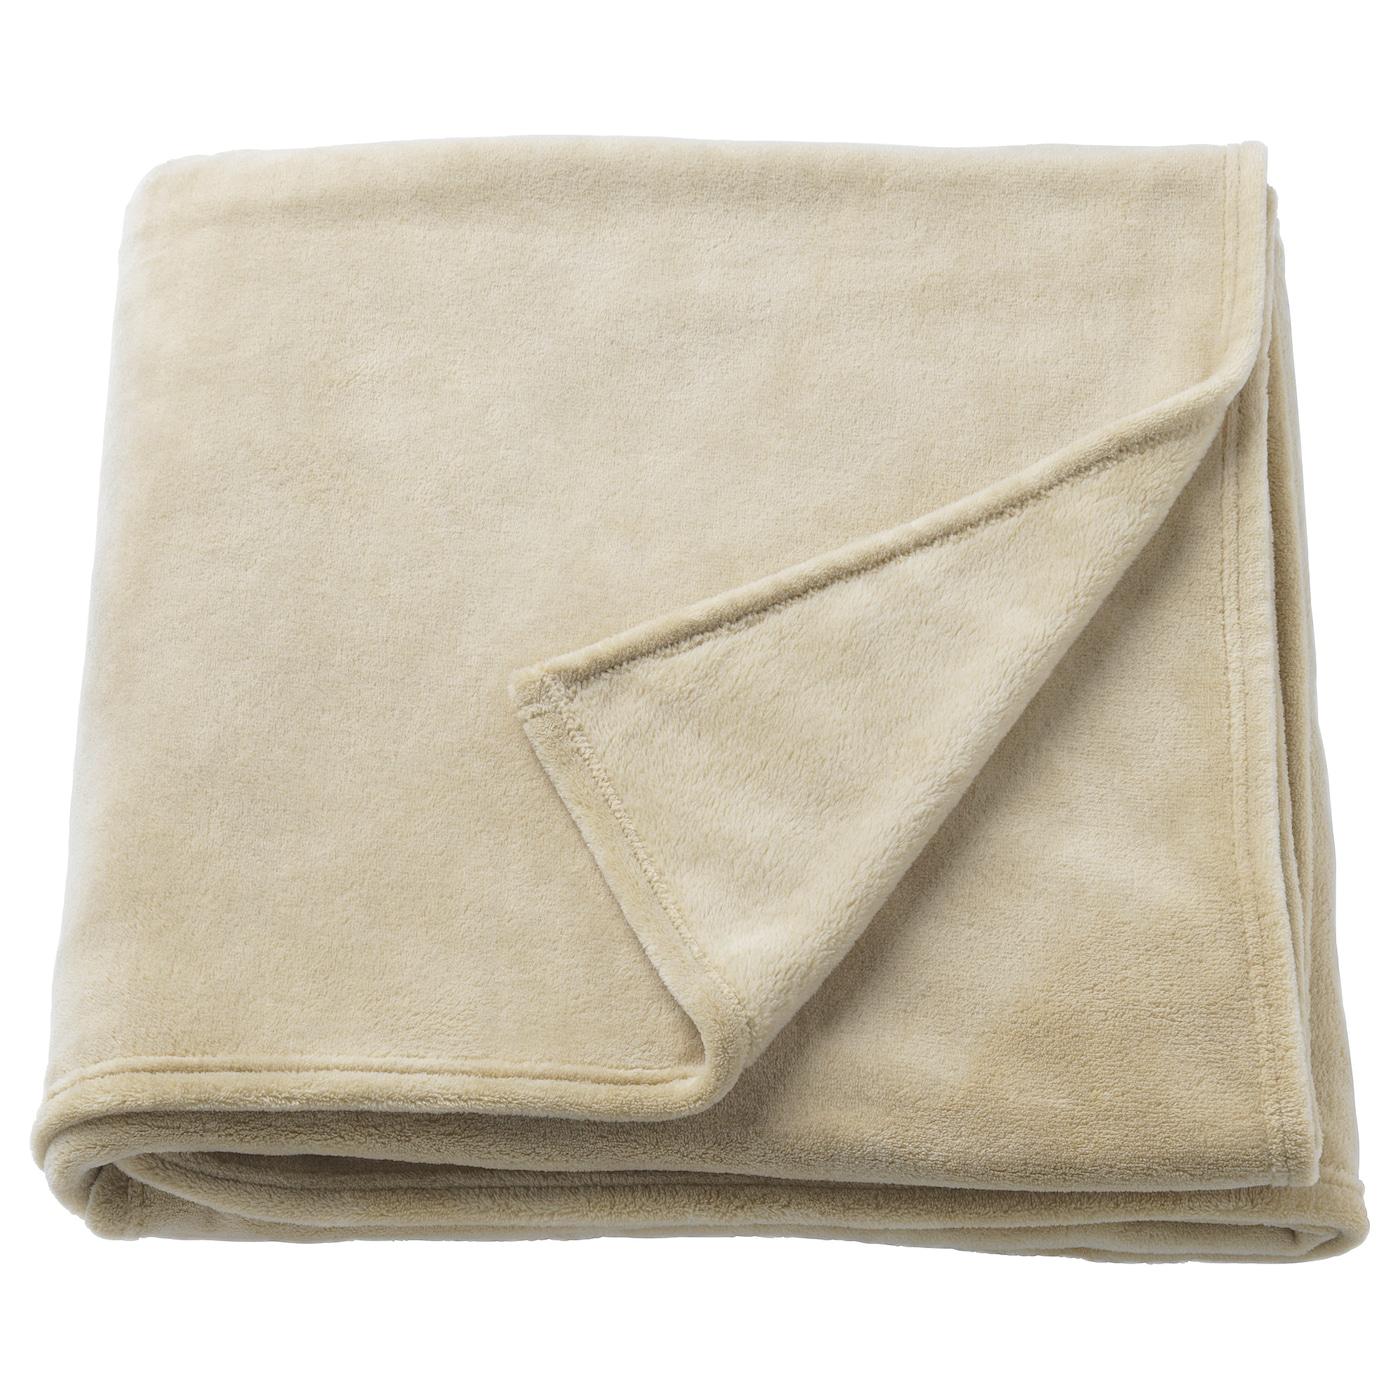 IKEA TRATTVIVA colcha Se puede utilizar como colcha para una cama  individual o como manta. 2ec48f13d00